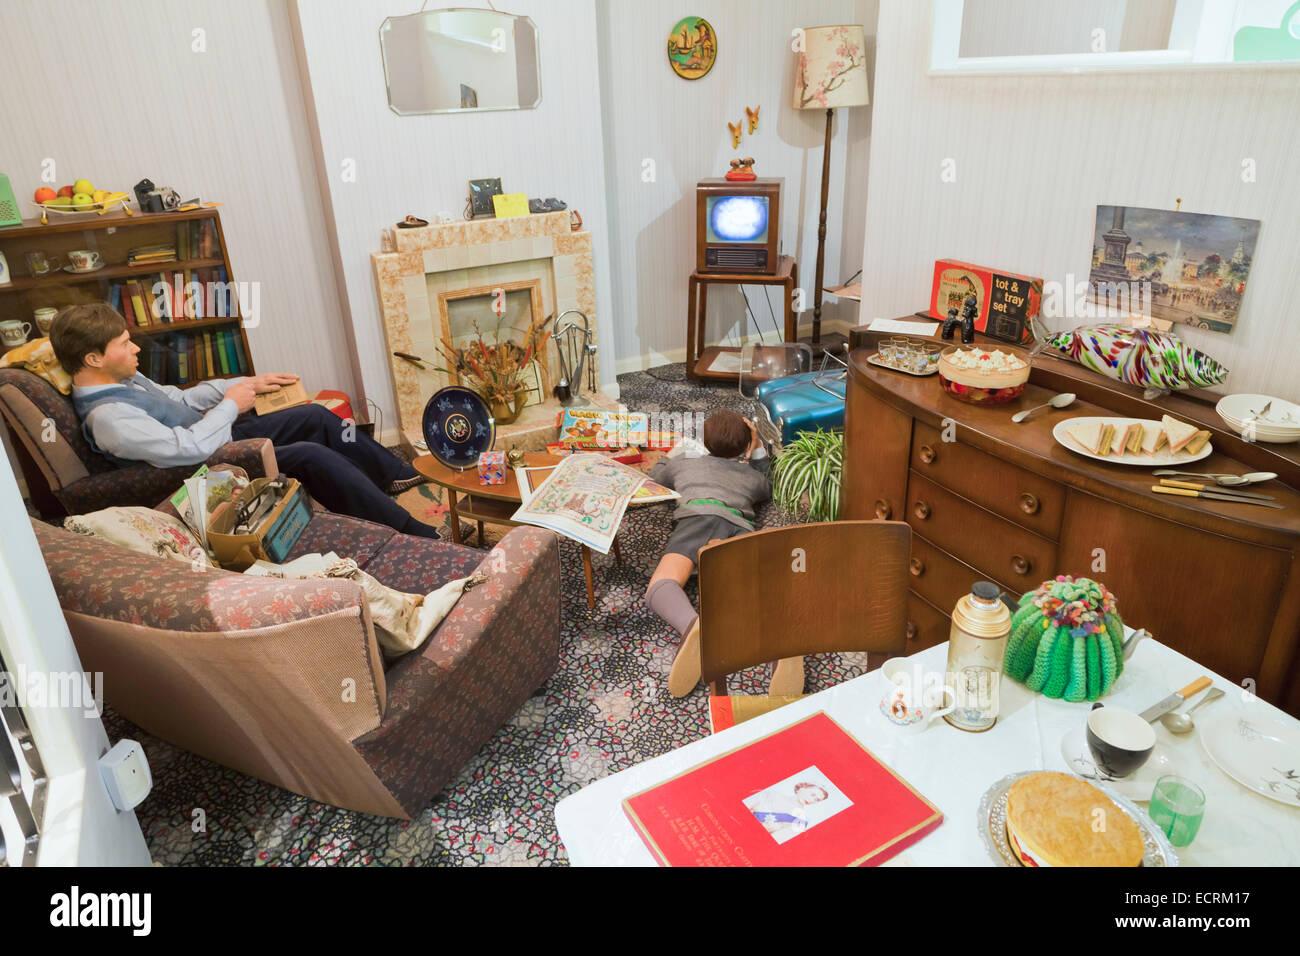 Wohnzimmer Der Sechziger Jahre Stockfotos und -bilder Kaufen - Alamy